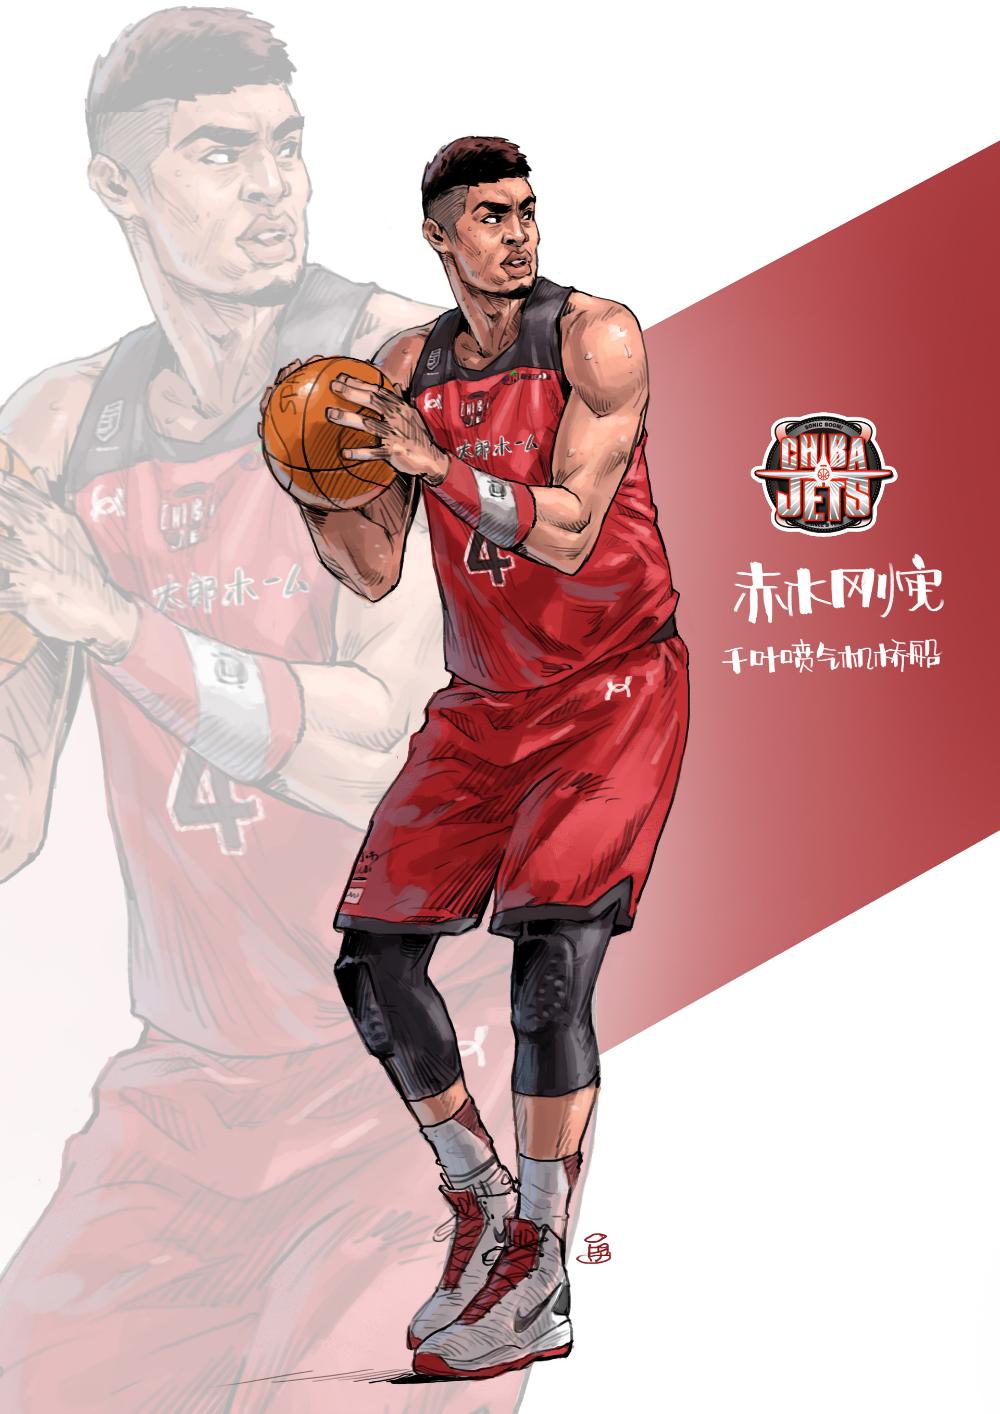 Illustration おしゃれまとめの人気アイデア Pinterest Emma Leung スラムダンク スラムダンク イラスト バスケットボール イラスト